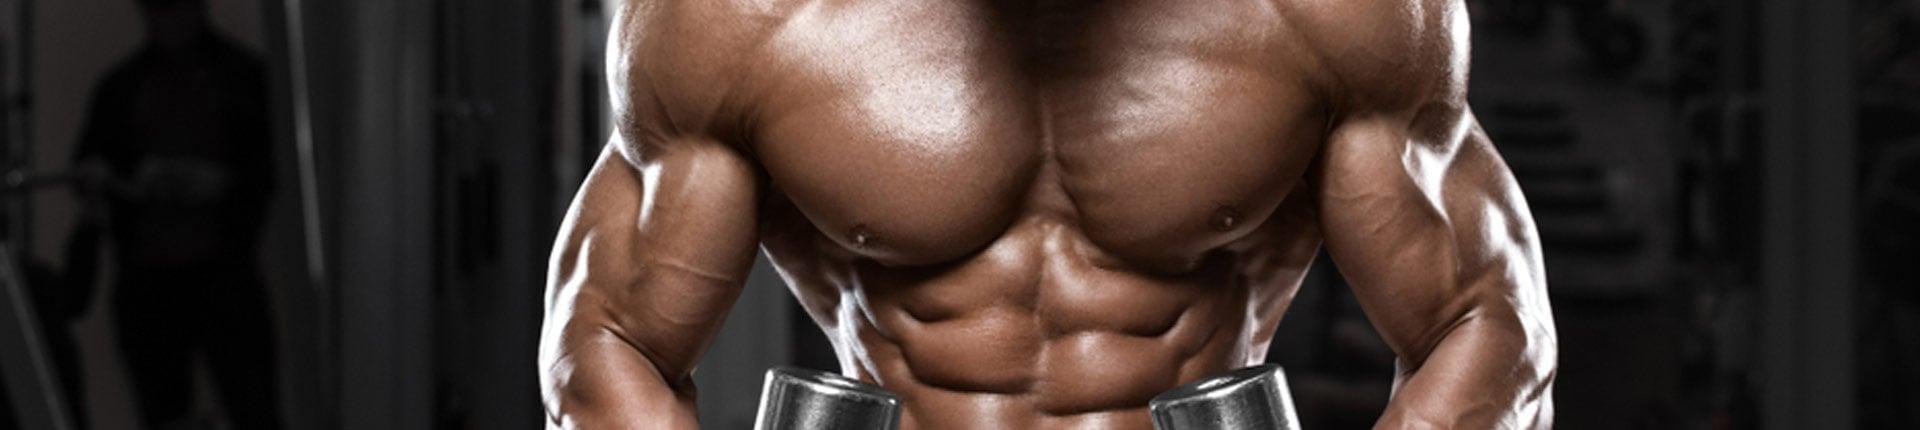 Maksymalna redukcja tkanki tłuszczowej. Kiedy warto zakończyć odchudzanie?